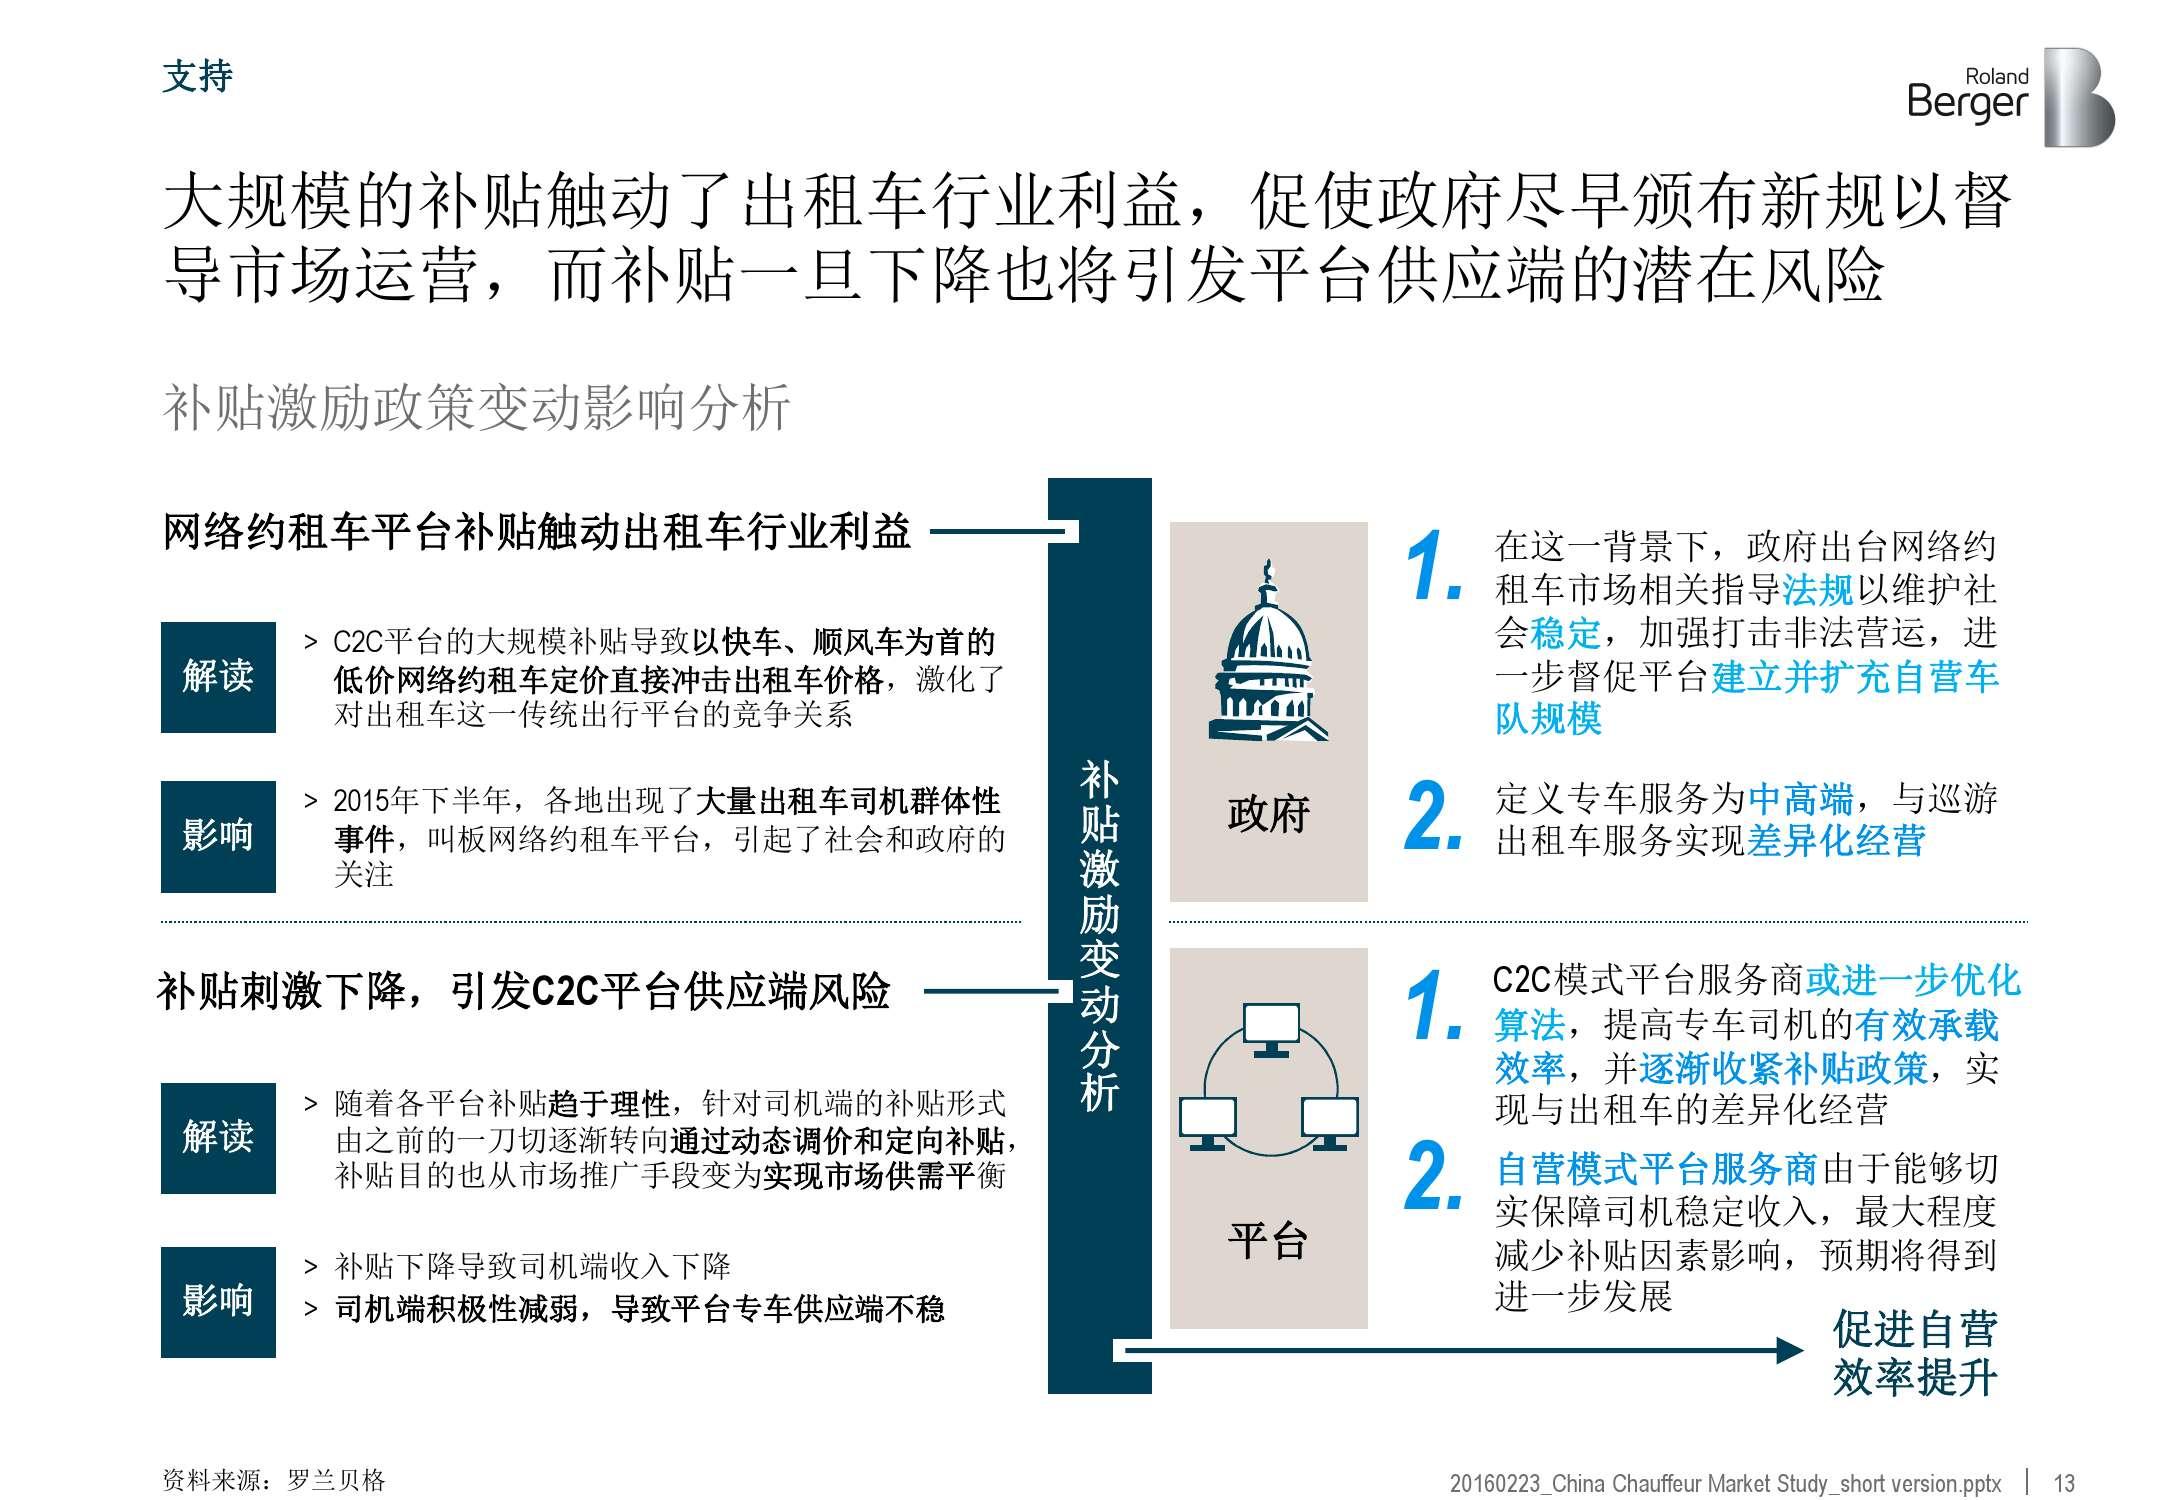 2016年中国专车市场分析报告_000013